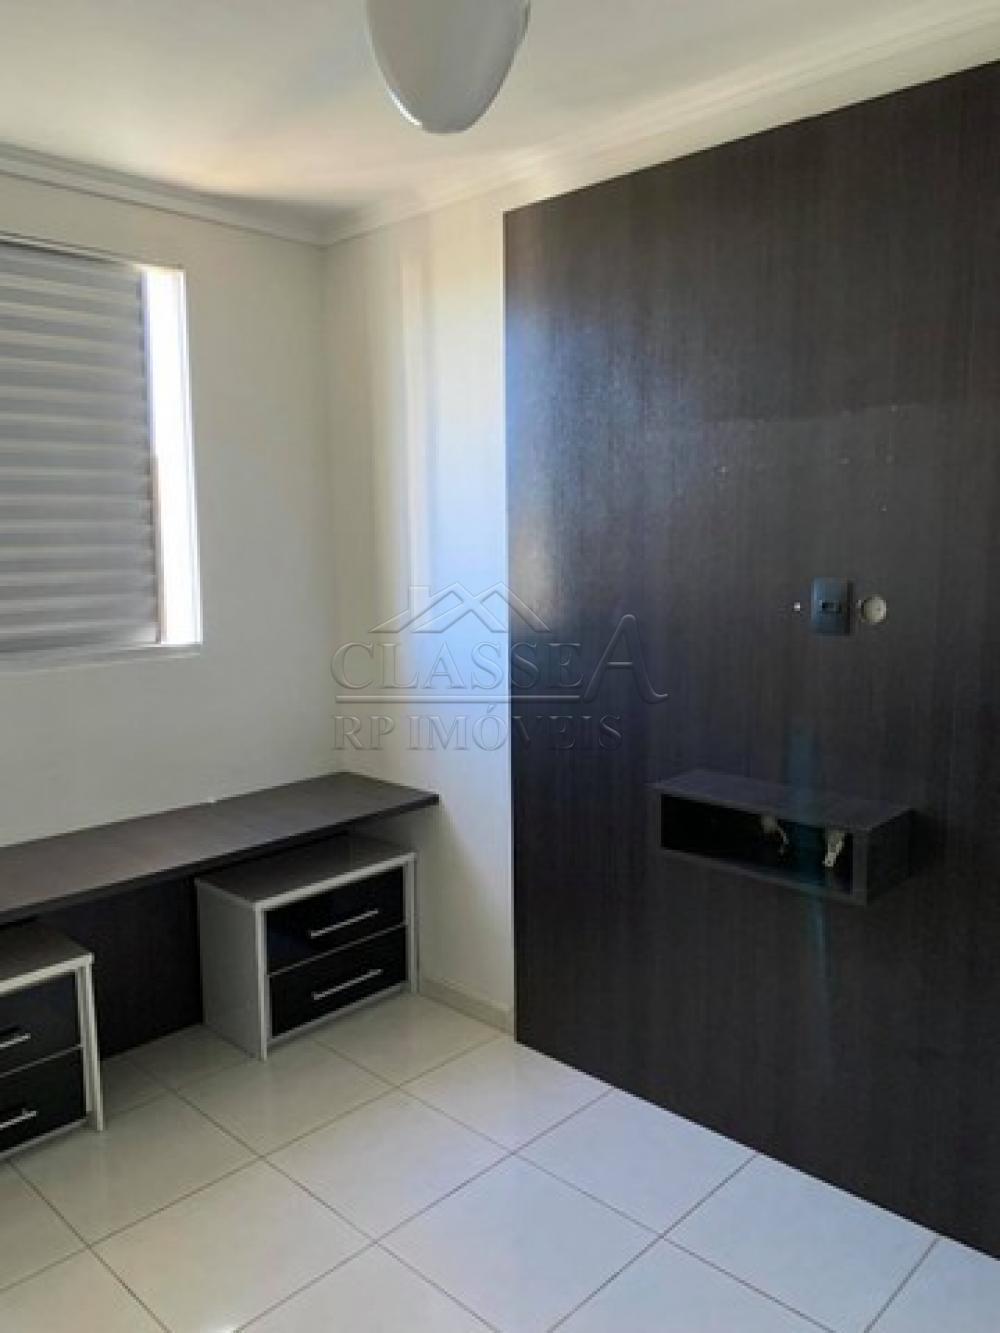 Comprar Apartamento / Cobertura Duplex em Ribeirão Preto R$ 300.000,00 - Foto 13